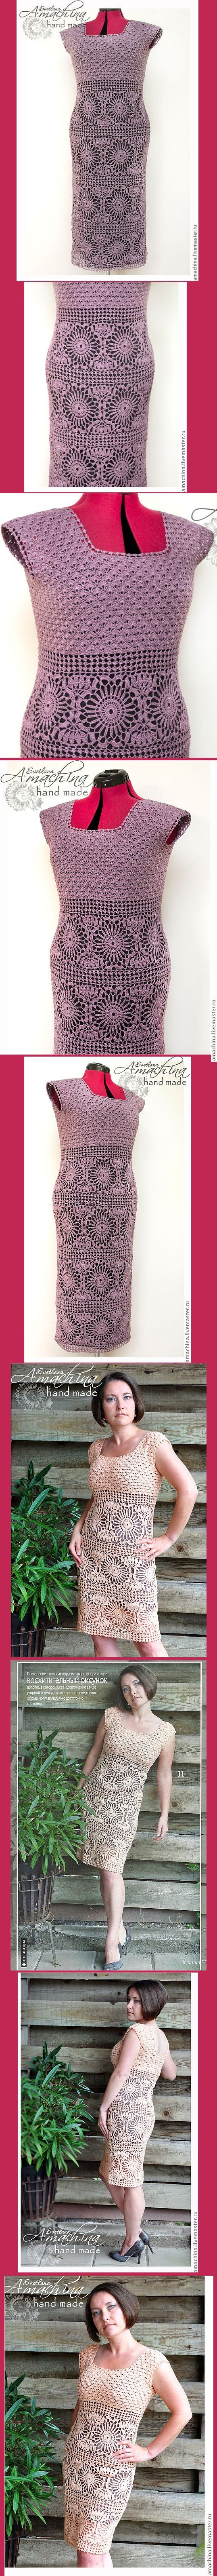 """Vestido feito à mão """"Pearl"""", pela autora: Svetlana Amahina - Fantasia Lace."""